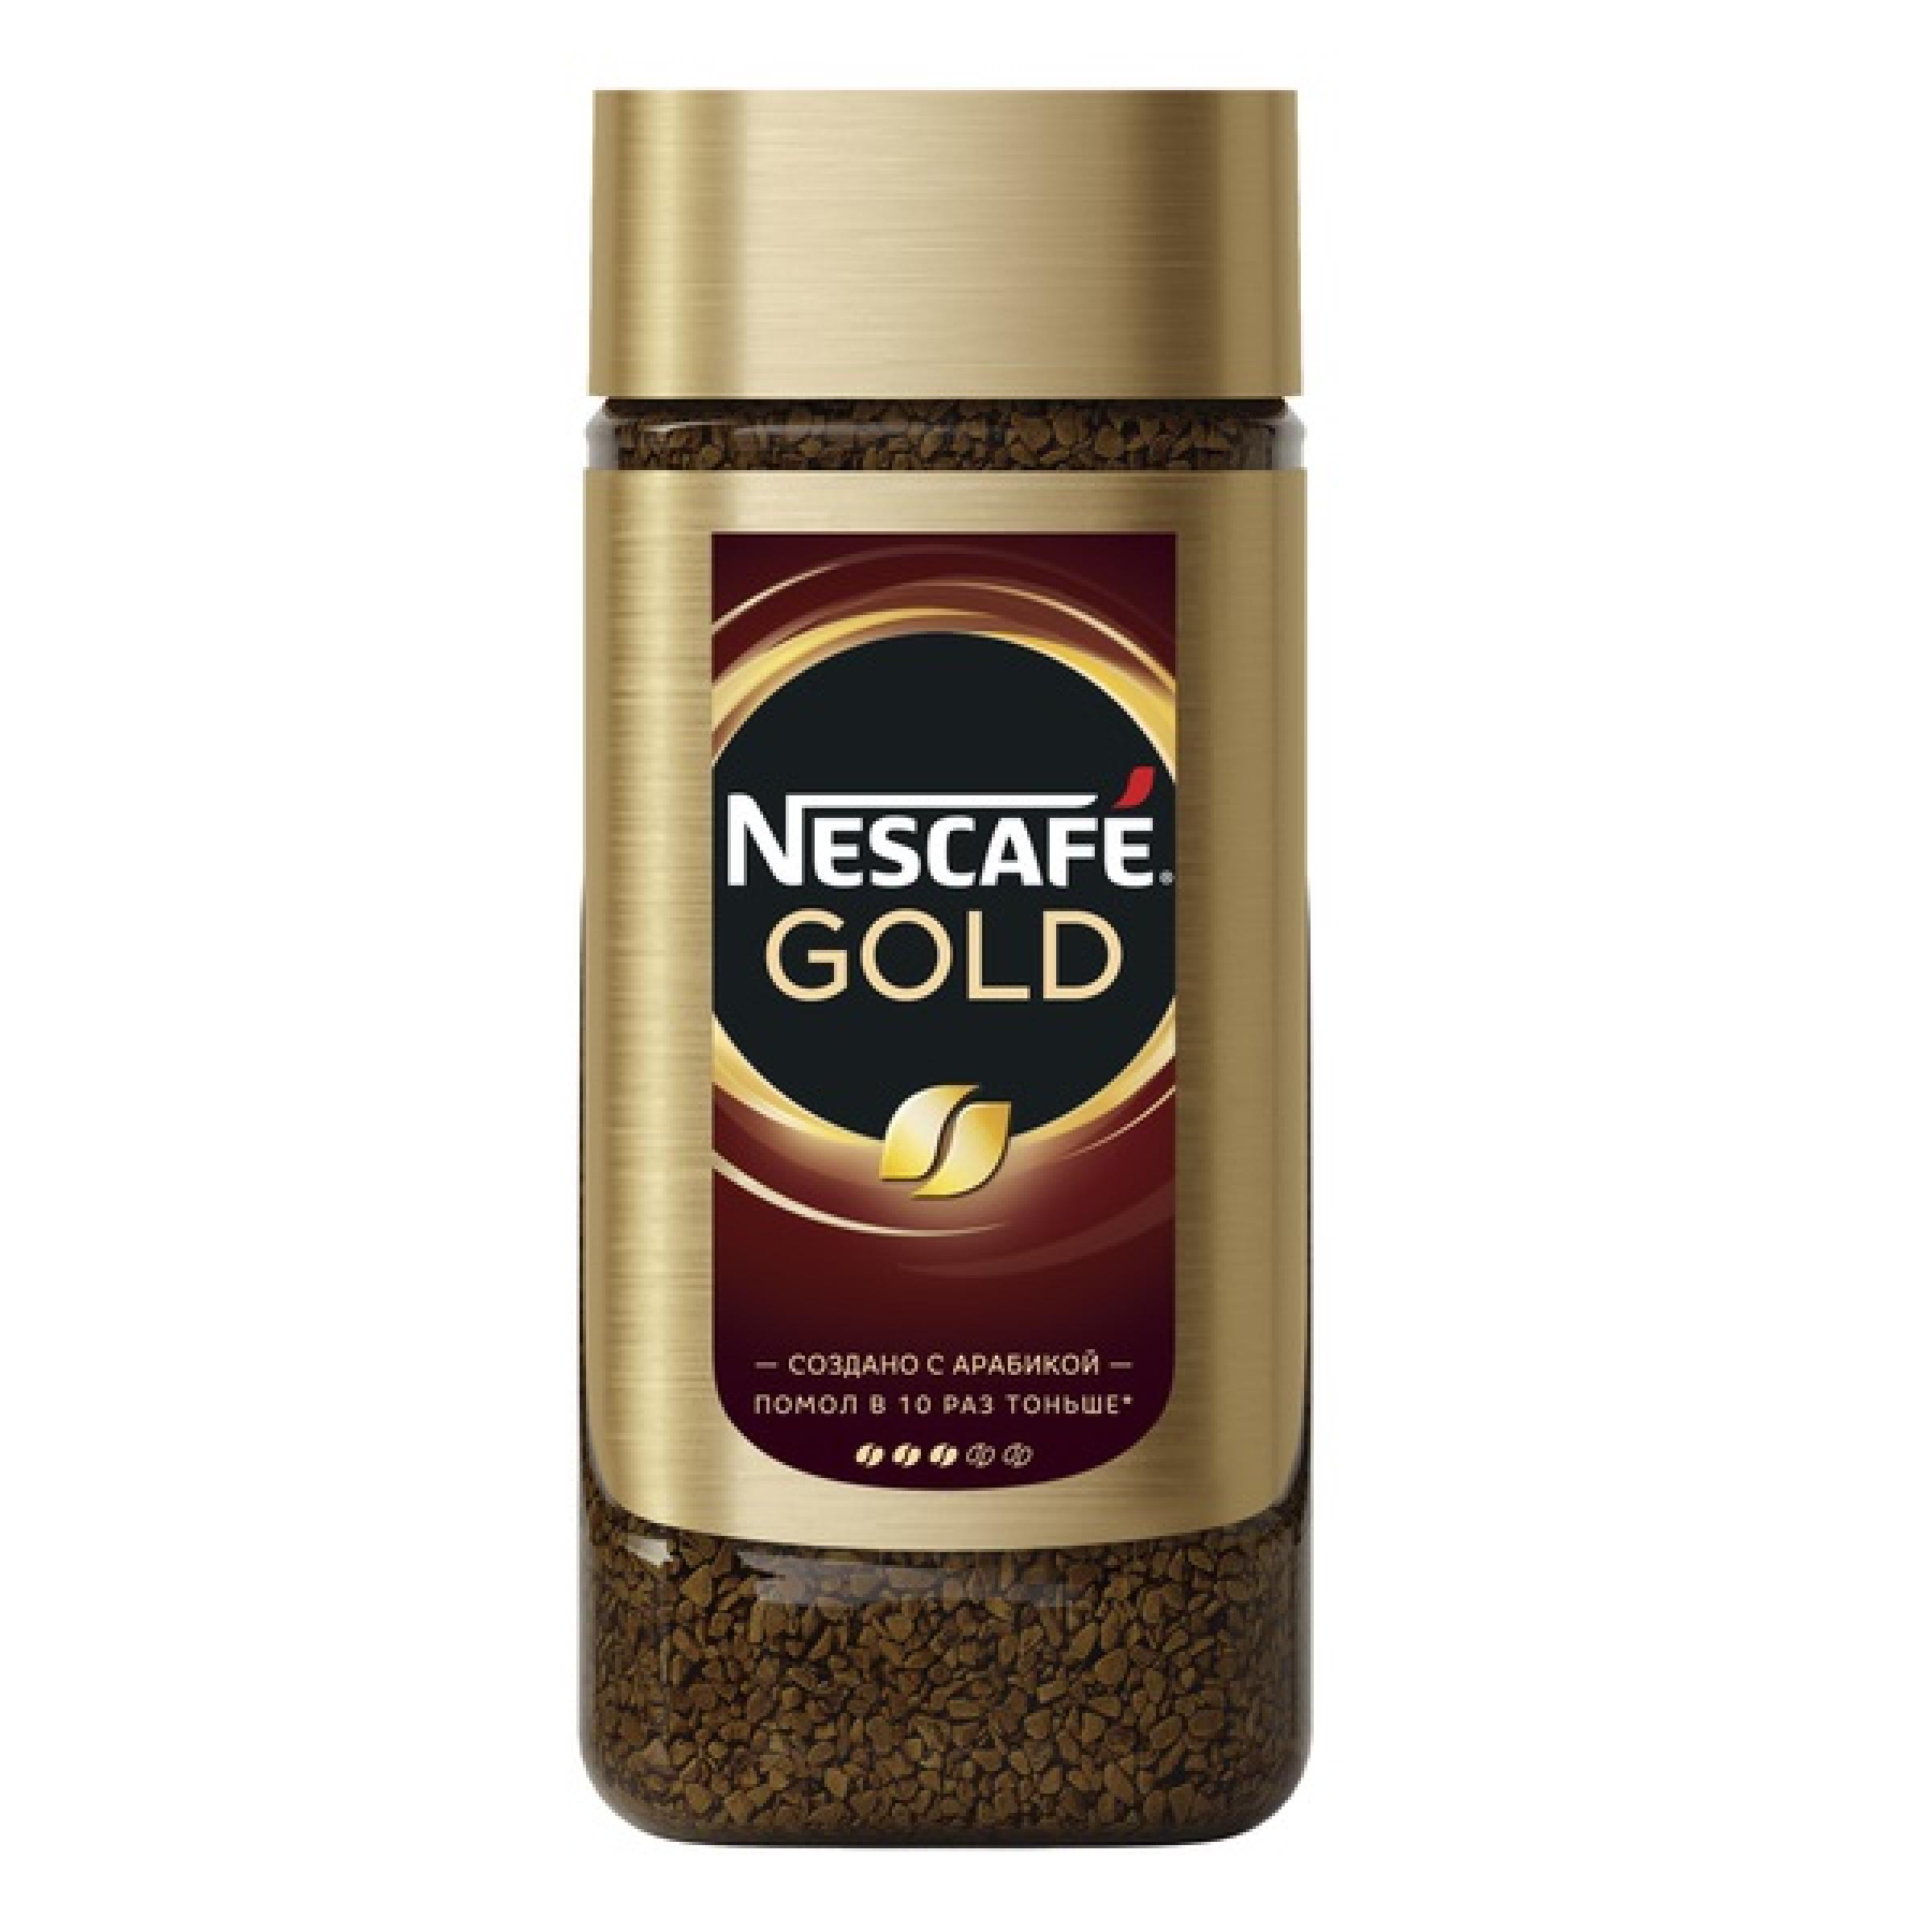 Кофе Nescafe® Gold 100% натуральный растворимый сублимированный, 95 г